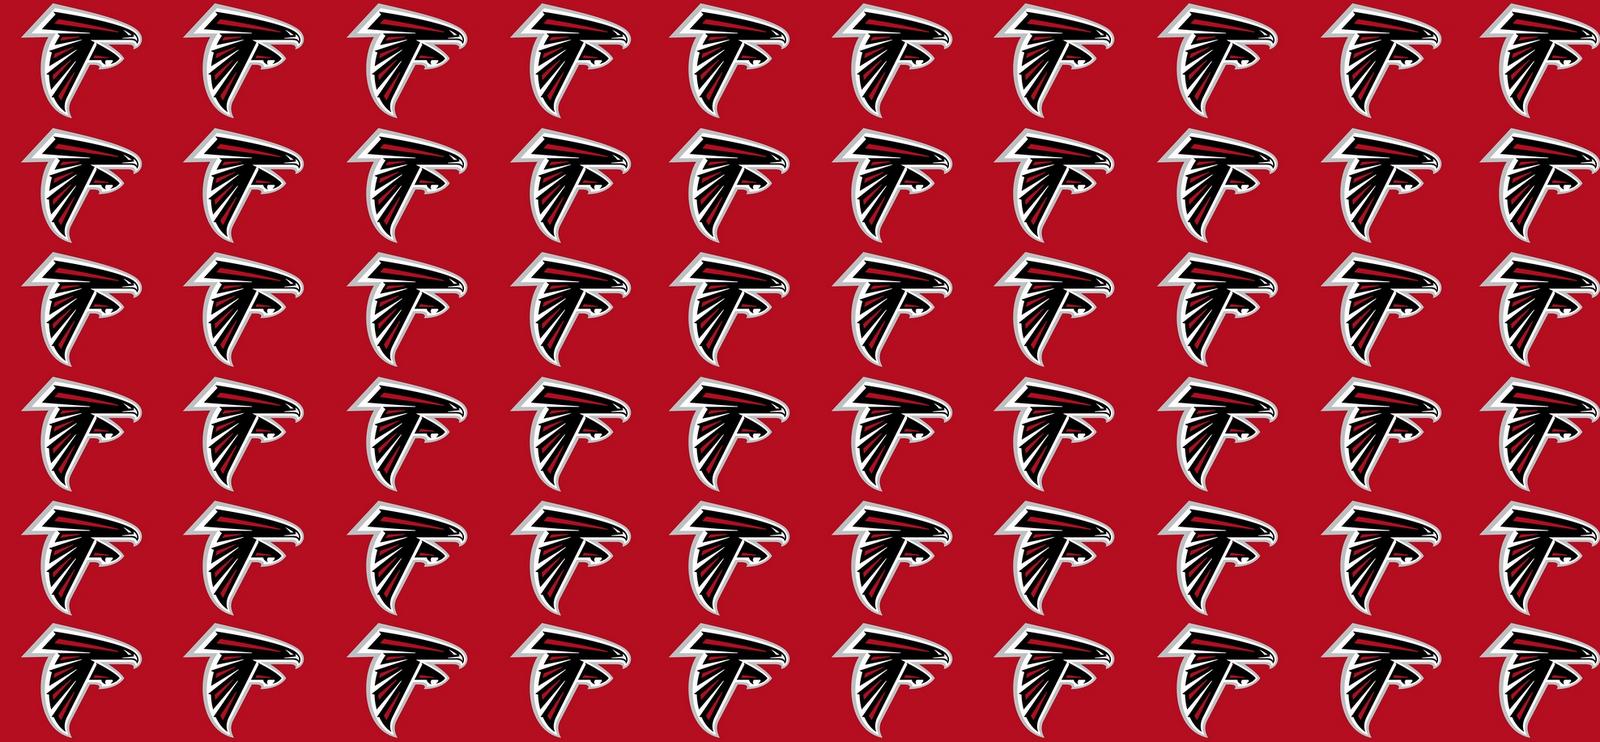 Atlanta Falcons Iphone Wallpaper Wallpapersafari Atlanta: Banners And Background